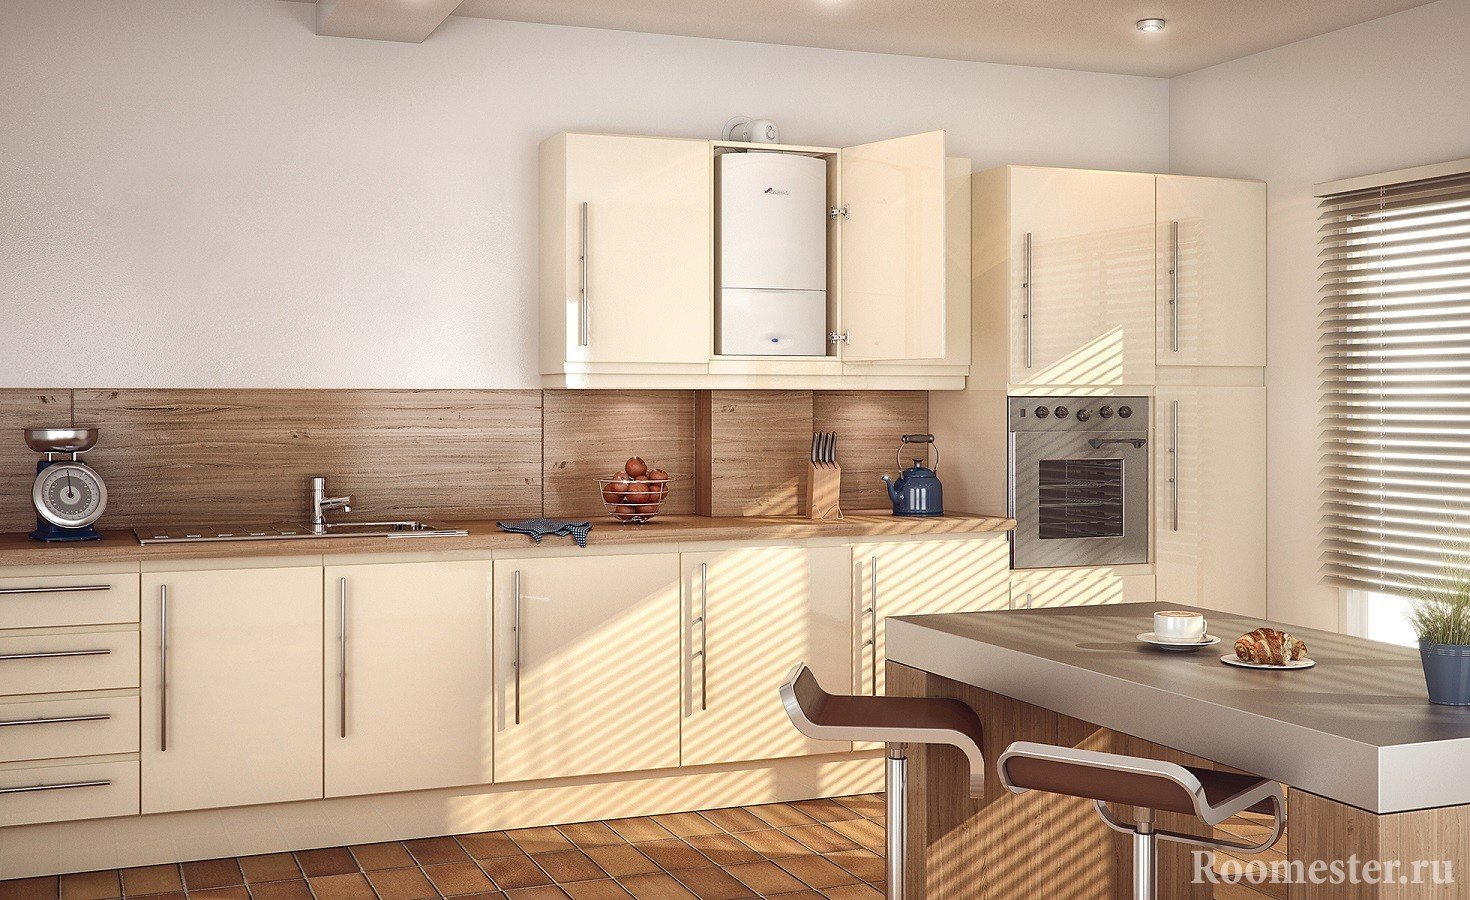 Кухня с газовой колонкой в шкафу и трубы в коробе